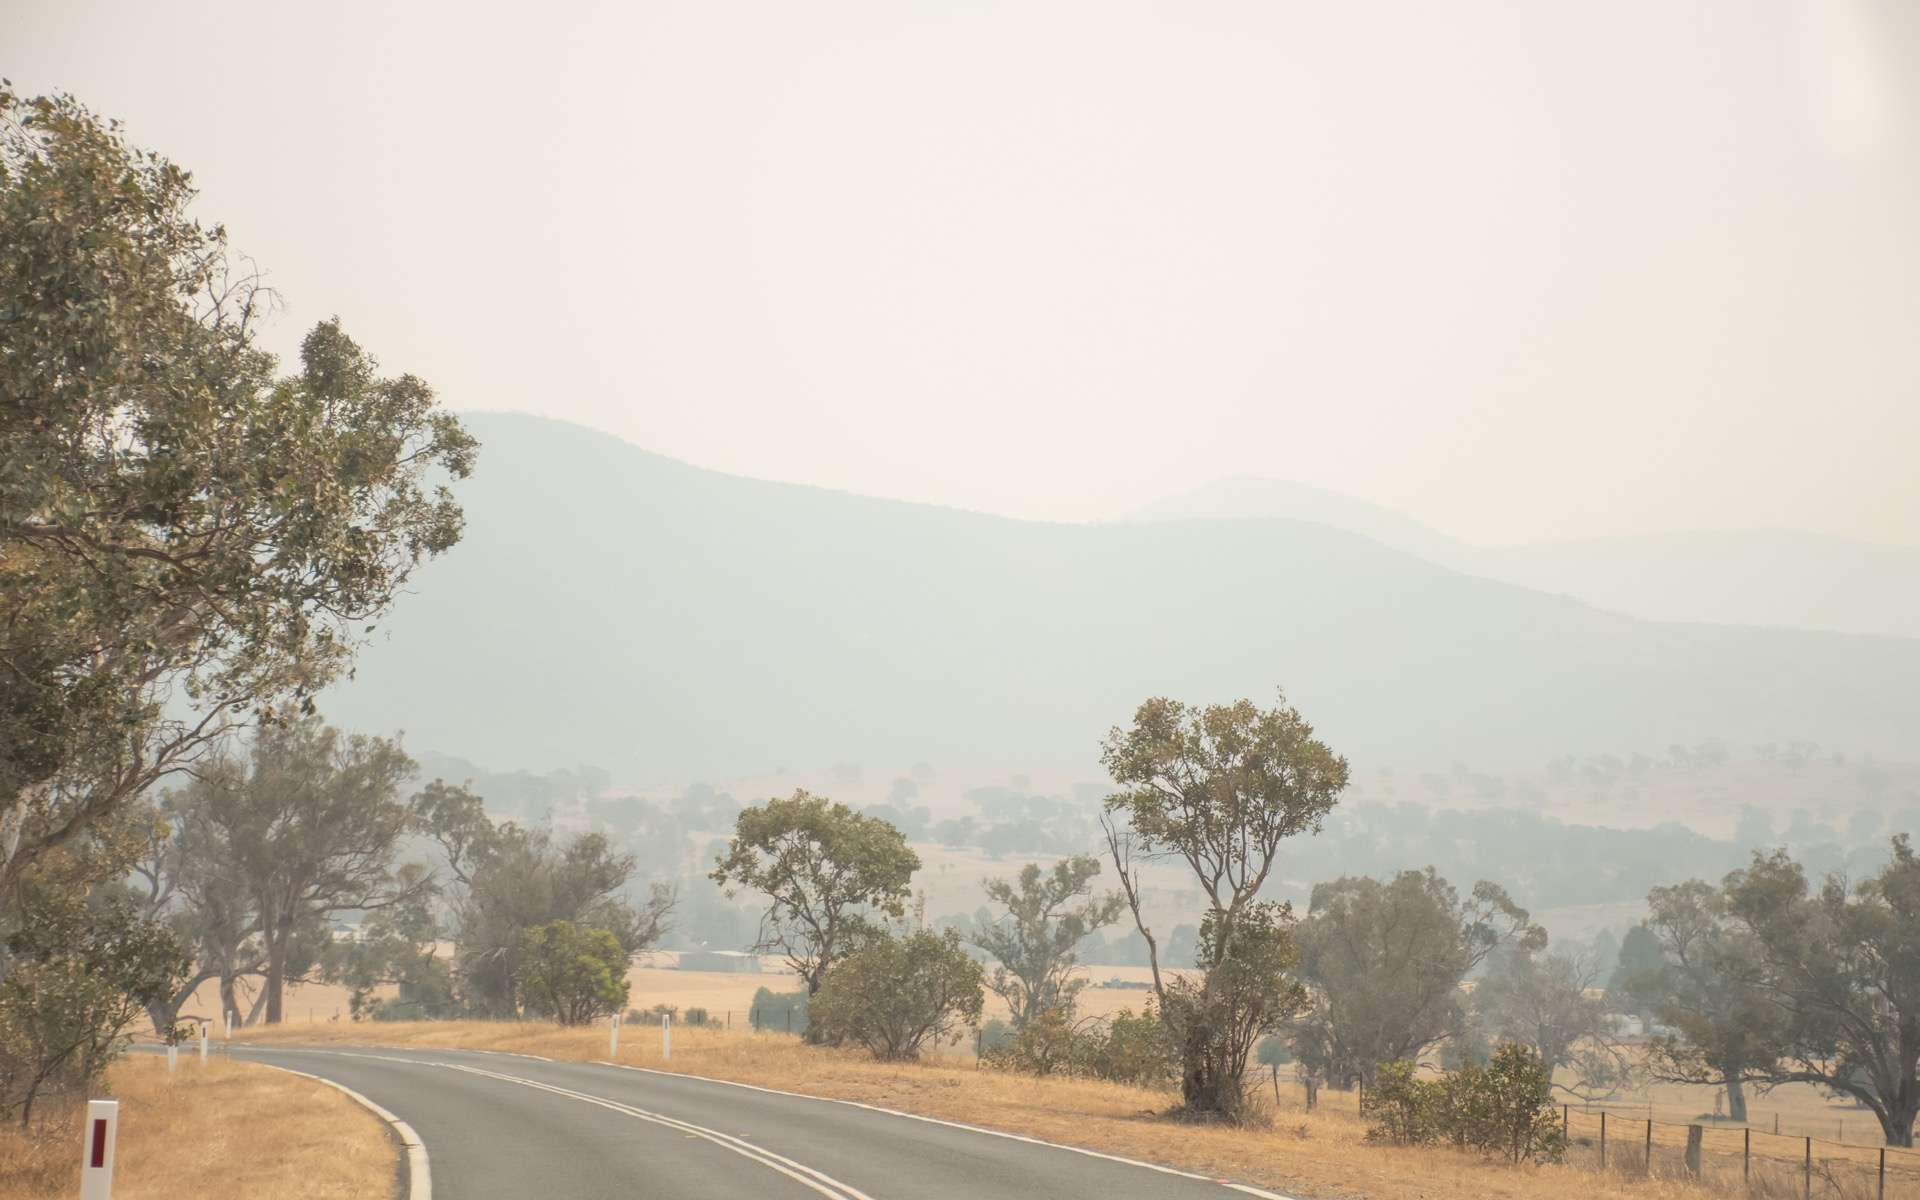 En Australie, la situation ne s'arrange pas. Une nouvelle vague de chaleur est attendue en fin de semaine et les feux de brousse devraient repartir de plus belle. © Daria Ni, Adobe Stock